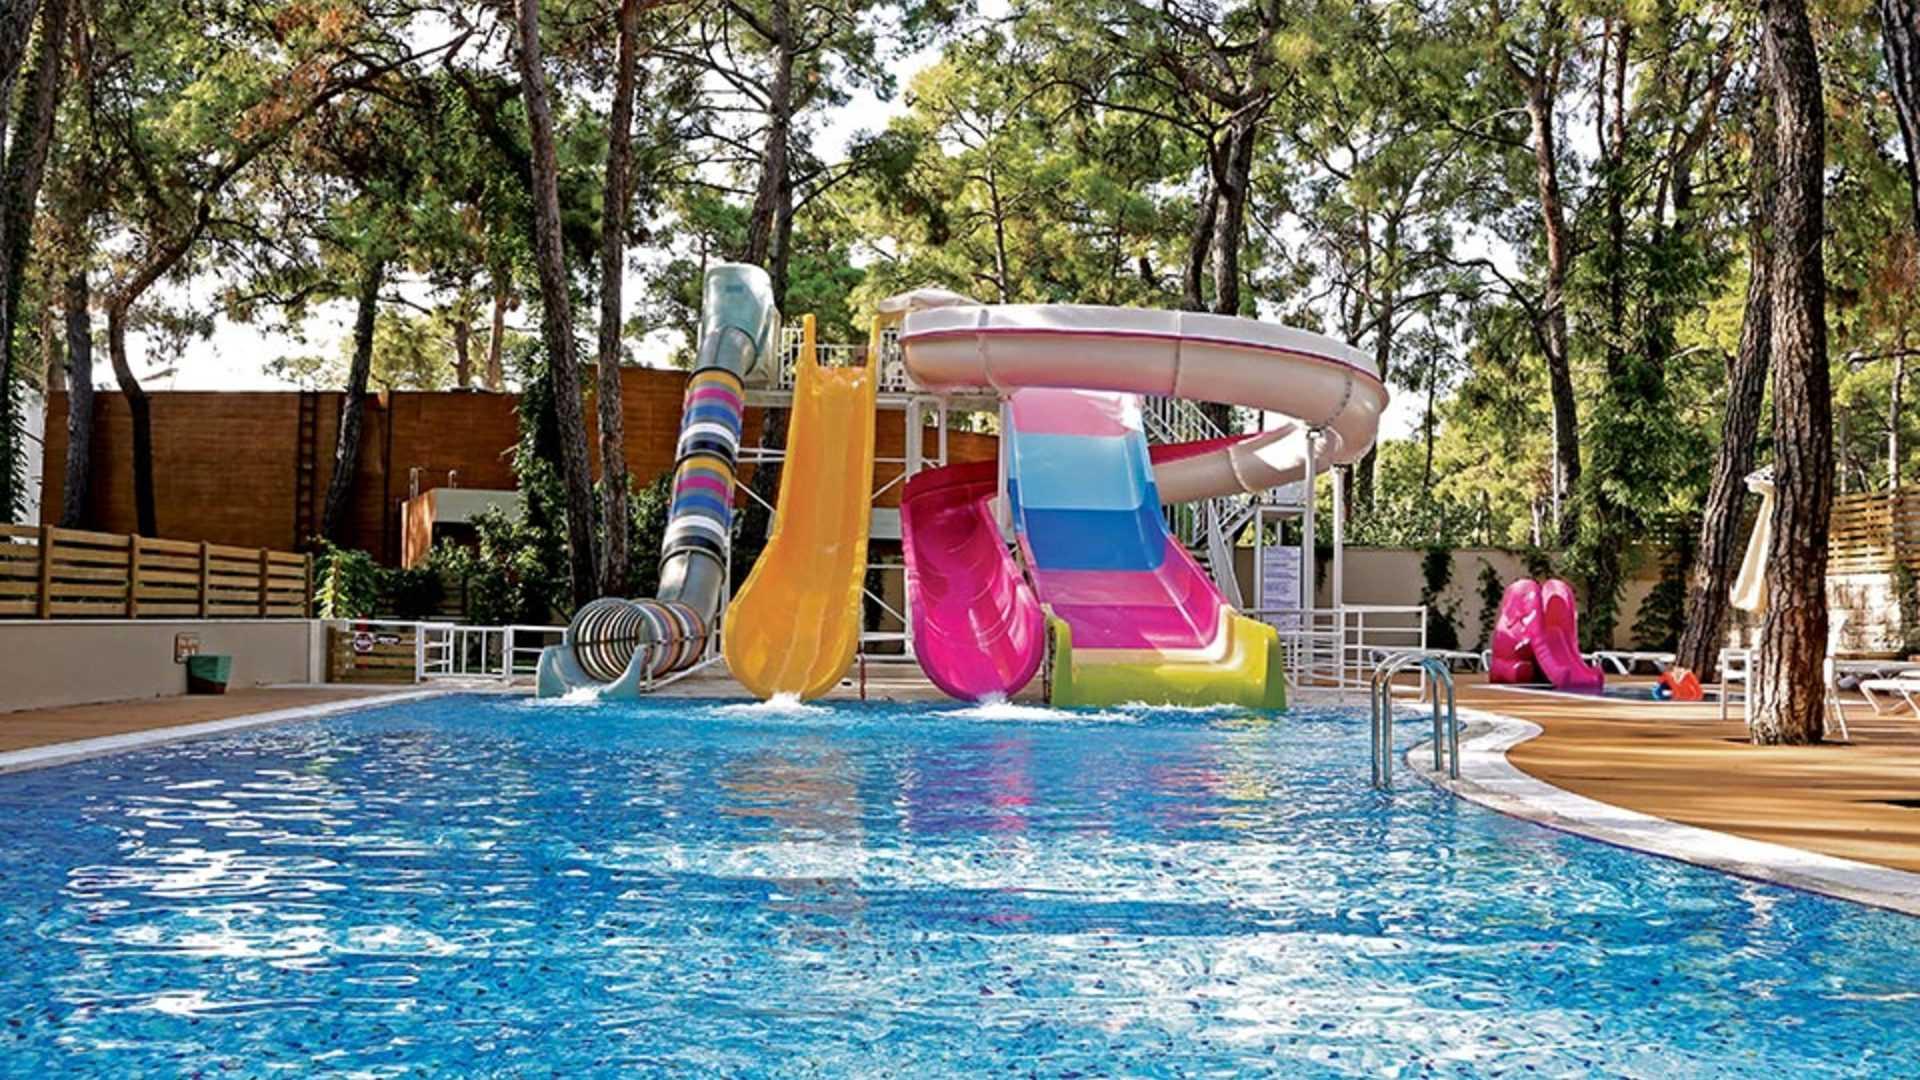 Топ-5 семейных отелей в кемере для отдыха с детьми